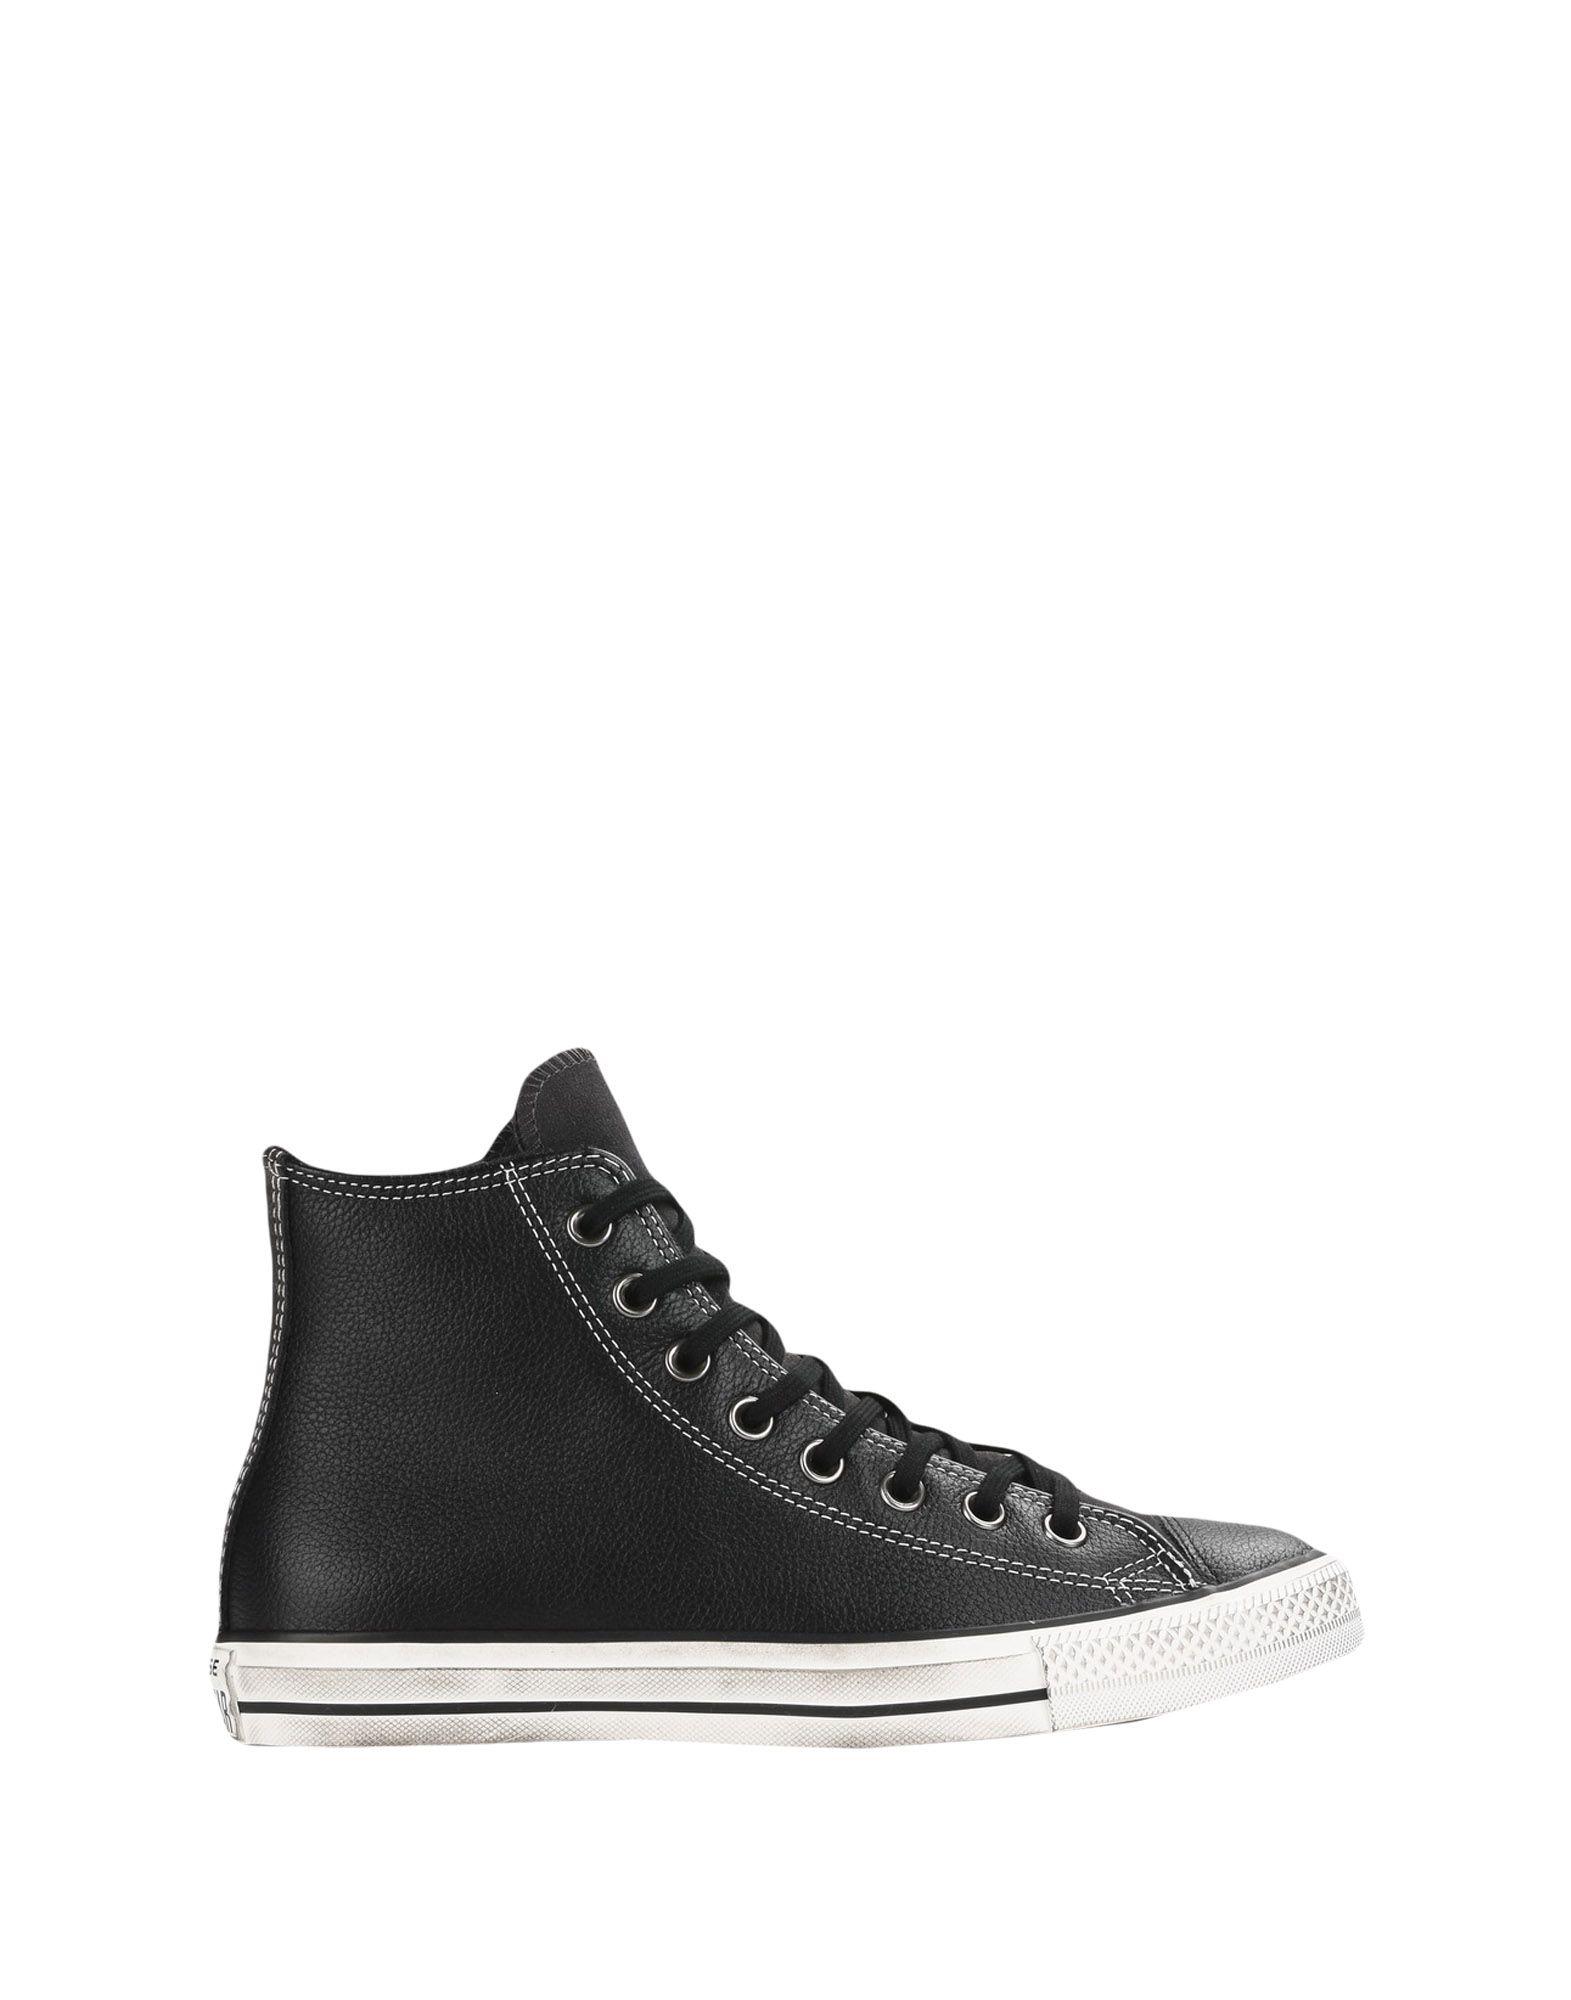 Rabatt echte Schuhe As Converse All Star Ct As Schuhe Hi Leder/Suede Distressed  11335879TG 4d01dd